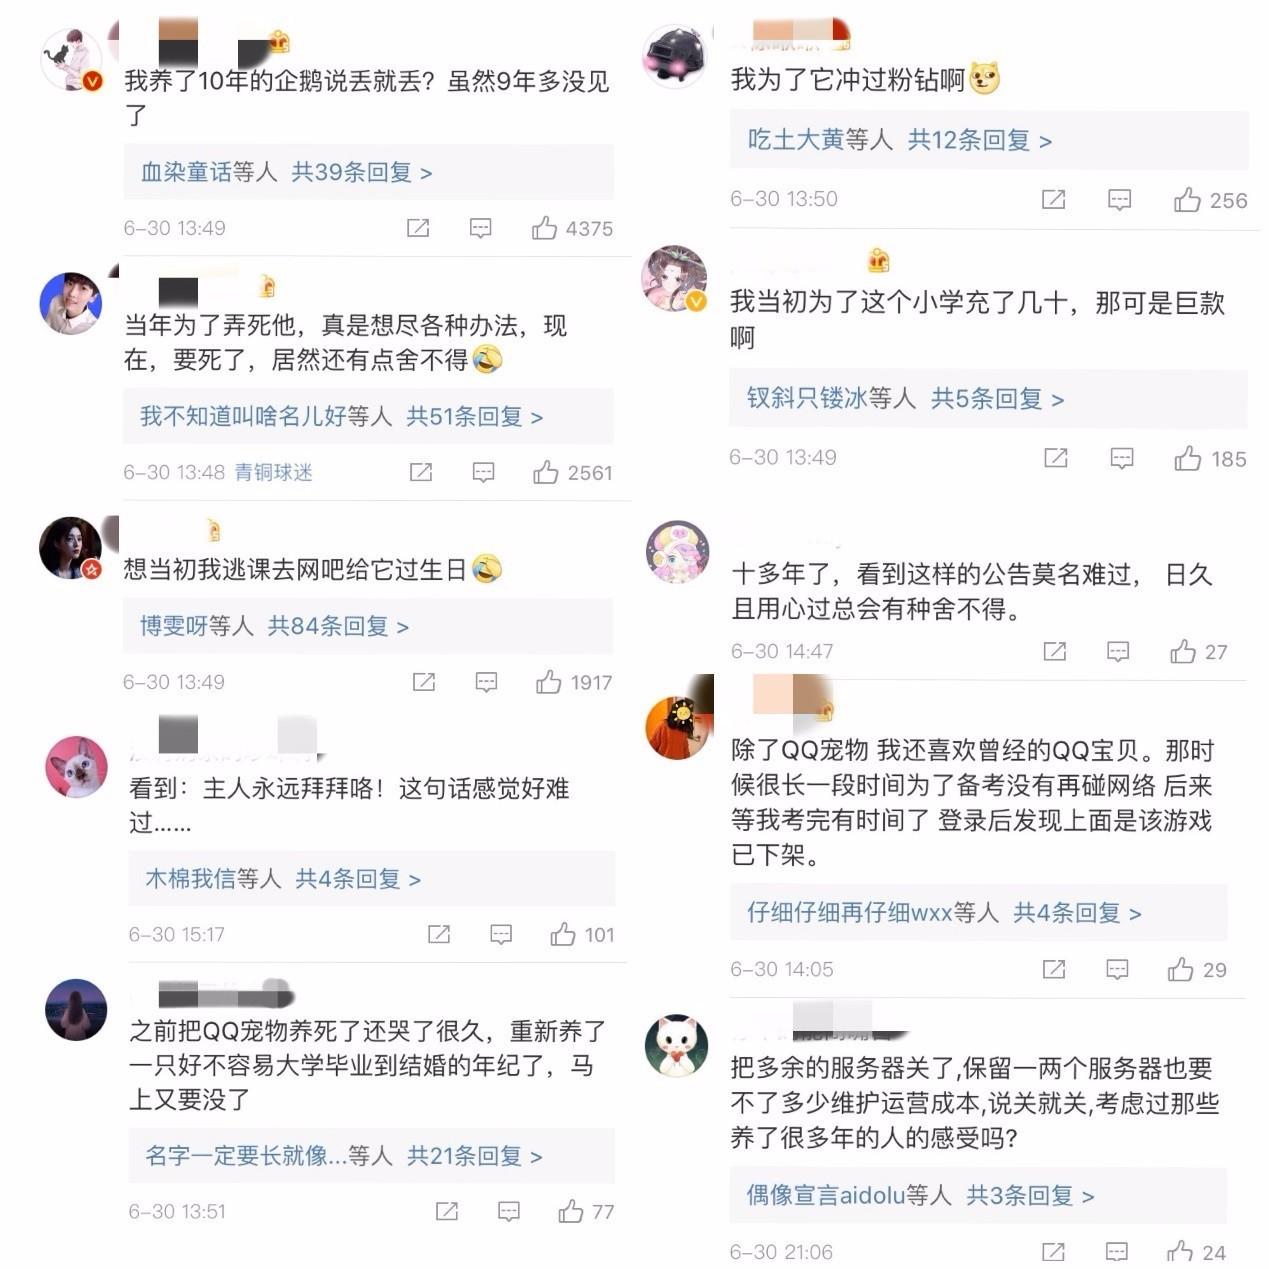 腾讯QQ宠物关停成回忆,养成类游戏凉了吗?